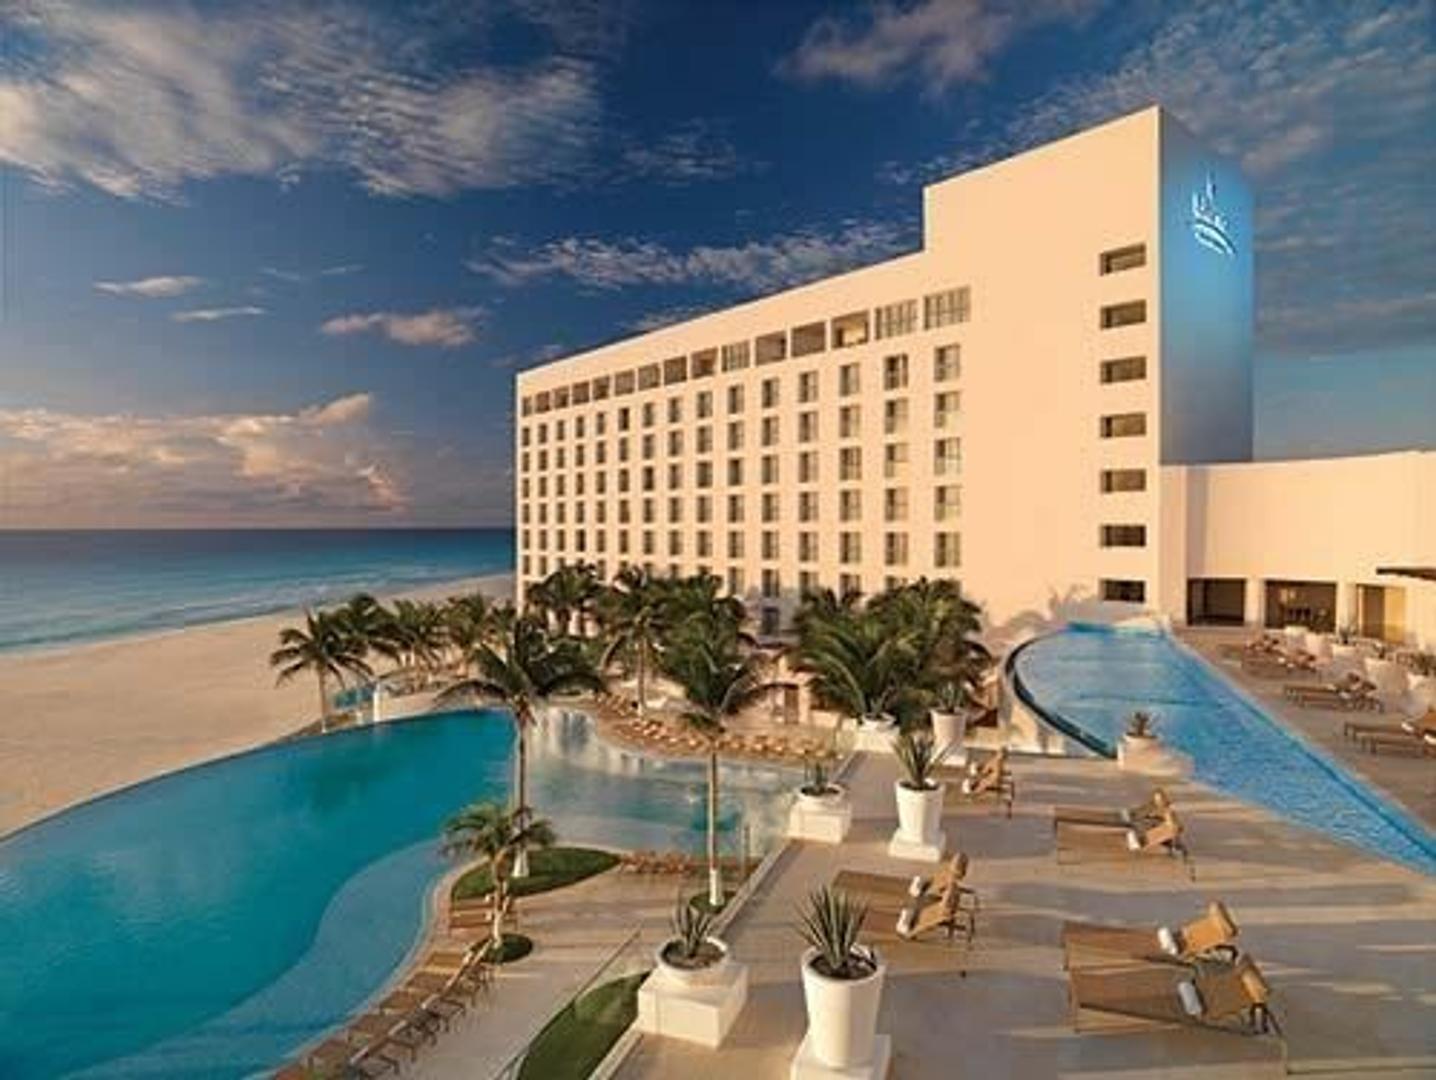 DEPARTAMENTO-HOTEL 2-4-6 PERSONAS CARIBE - ORLANDO - DISNEY